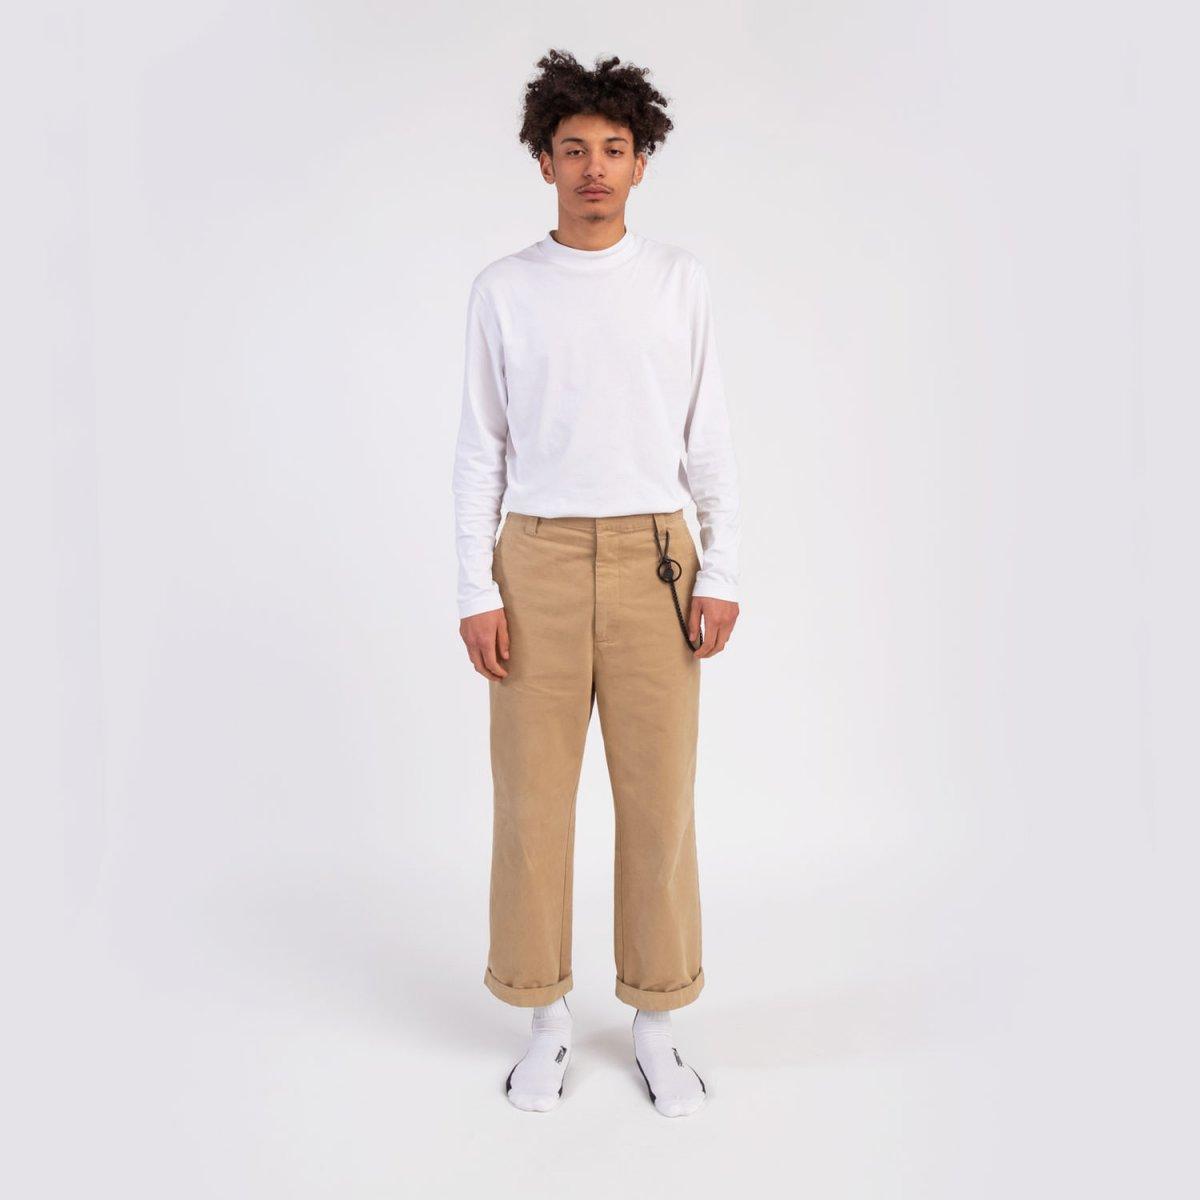 catena-pantalone-nera-fabbrica-0019